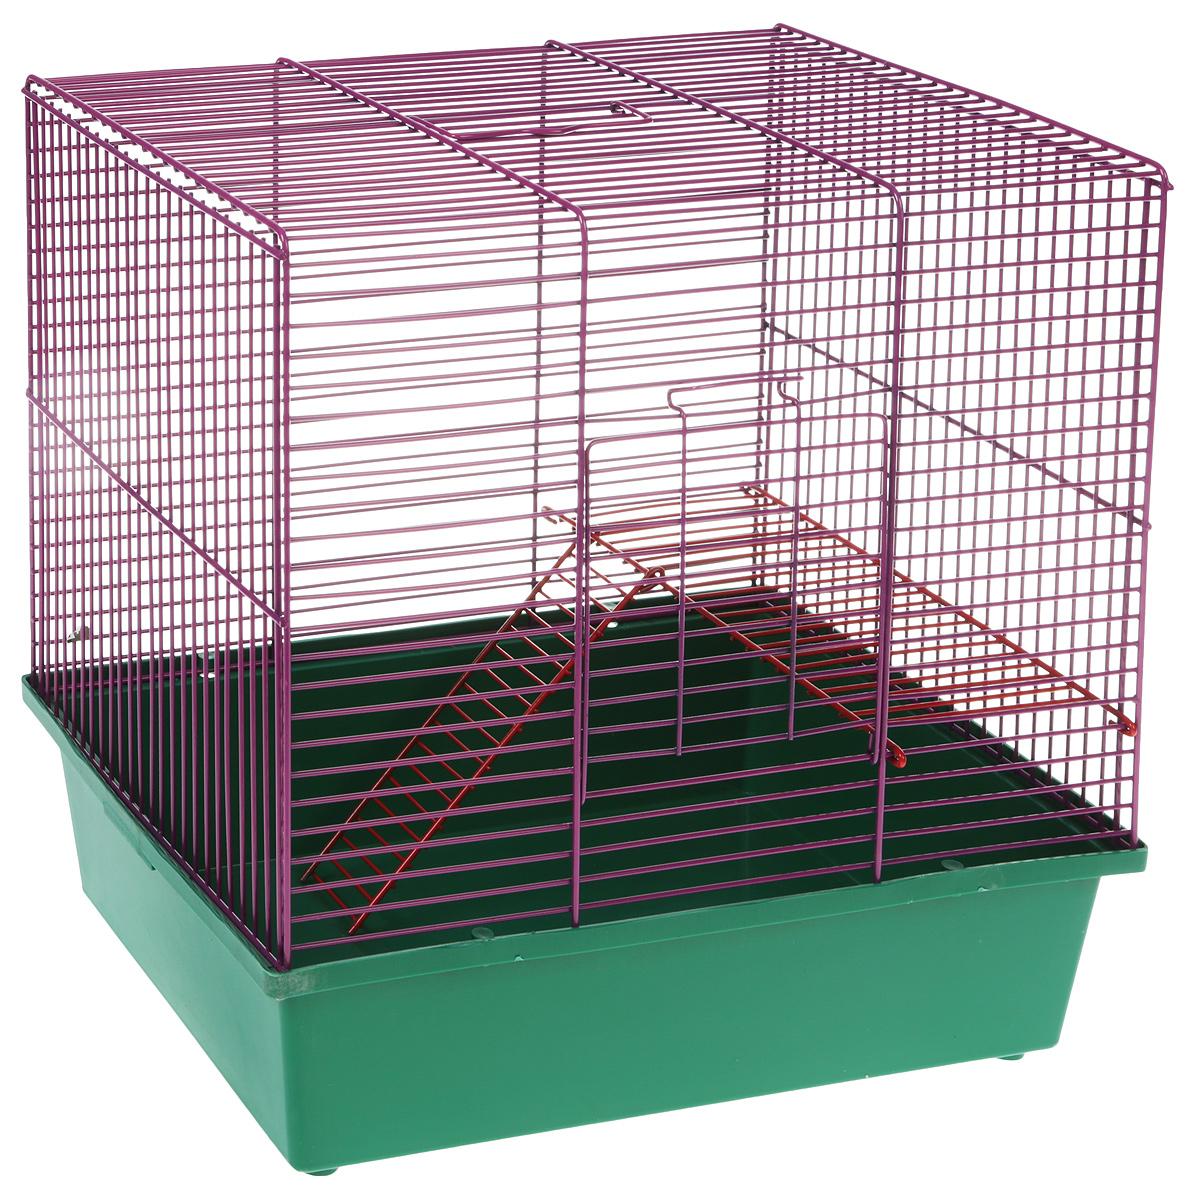 Клетка для грызунов Велес  Lusy Hamster-2 , 2-этажная, цвет: зеленый, фиолетовый, 35 х 26 х 26 см - Клетки, вольеры, будки